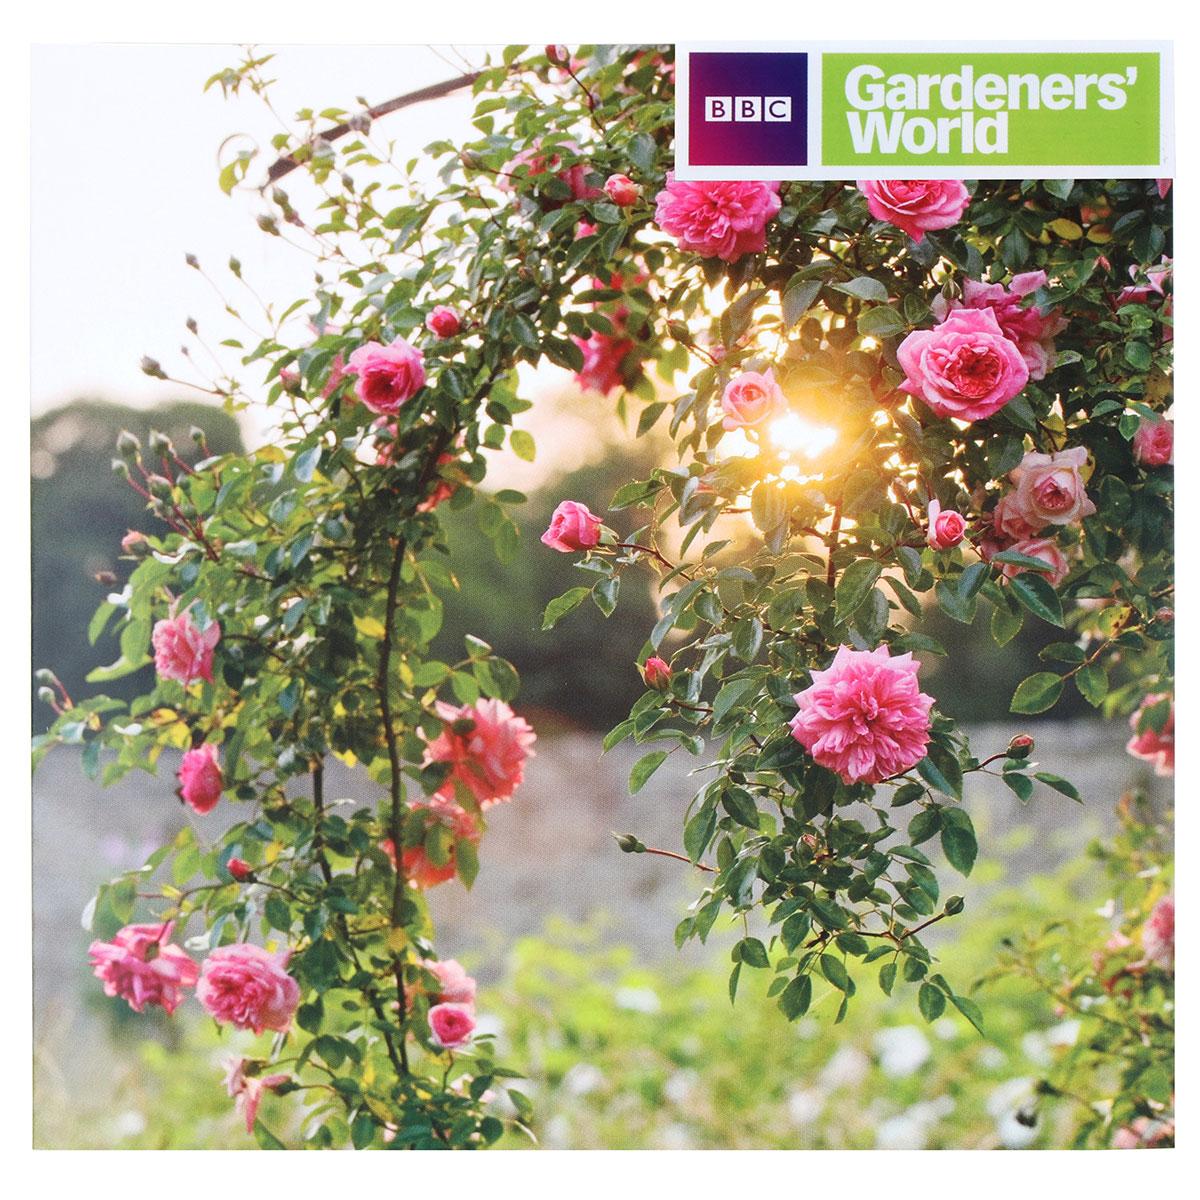 Gardeners' World Climbing Rose Rambler Greeting Card